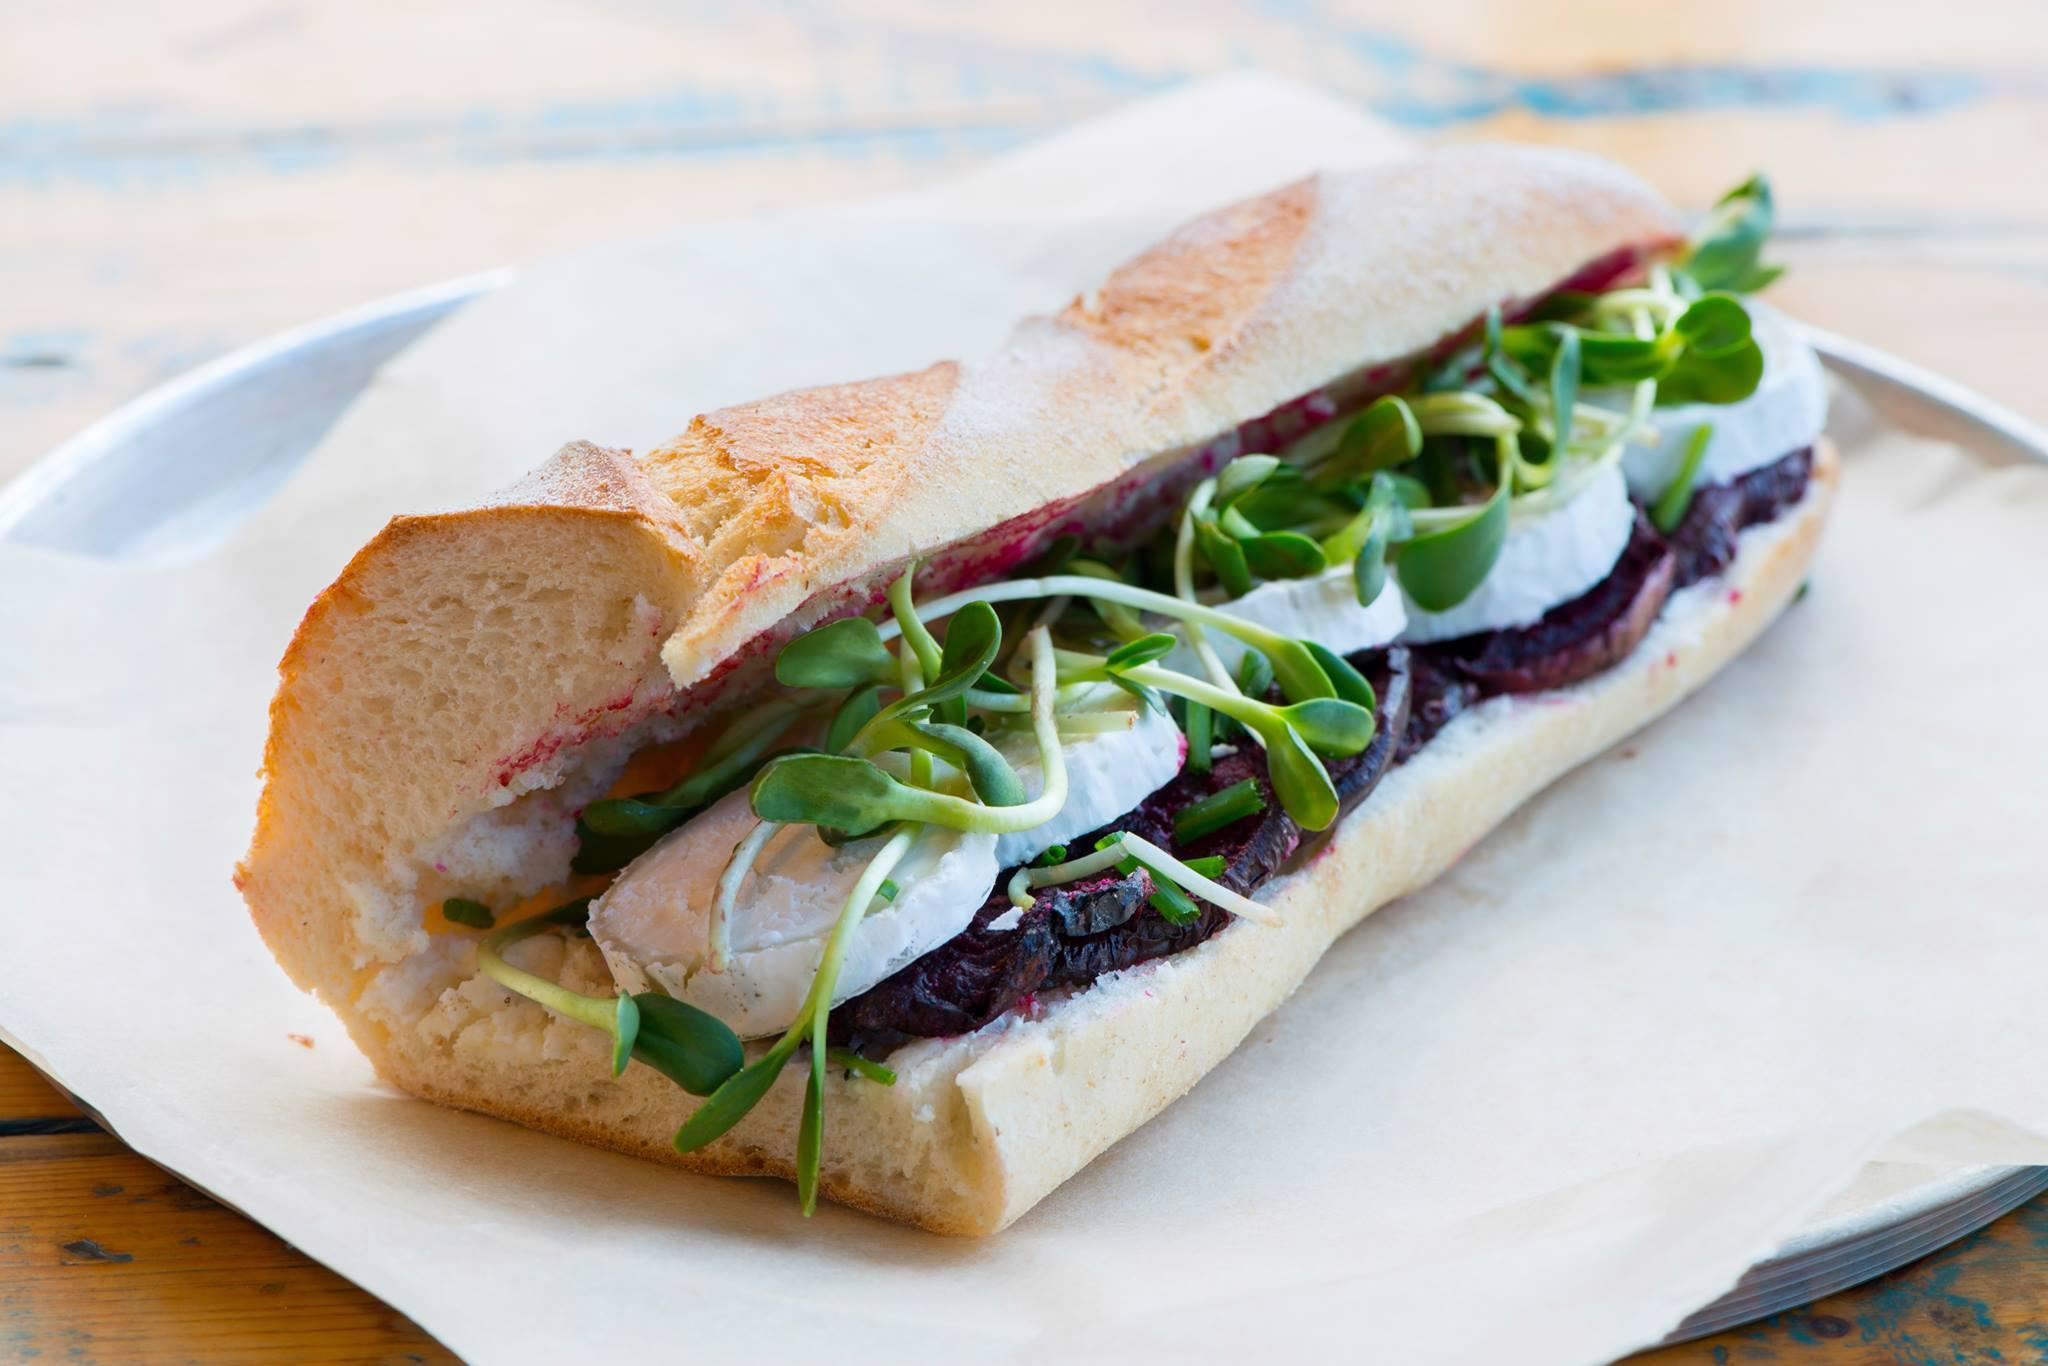 המסעדות הטובות ביותר ב עמק חפר - אגדת לחם משק יעקבס